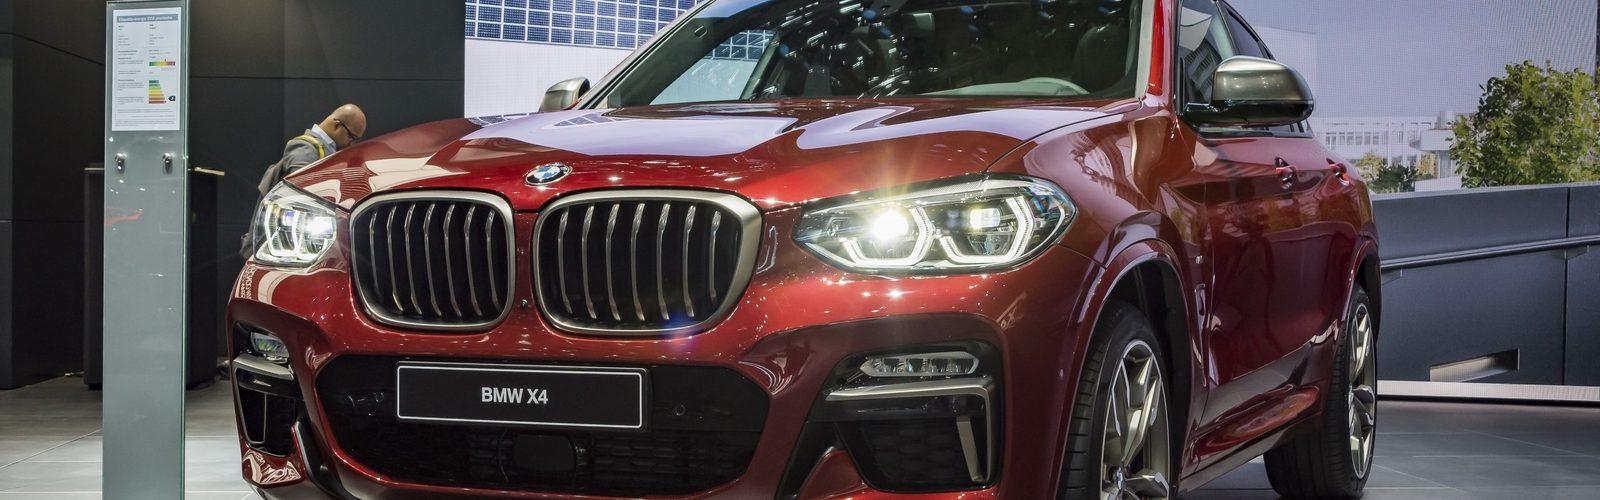 Geneve 2018 BMW LeNouvelAutomobiliste 101